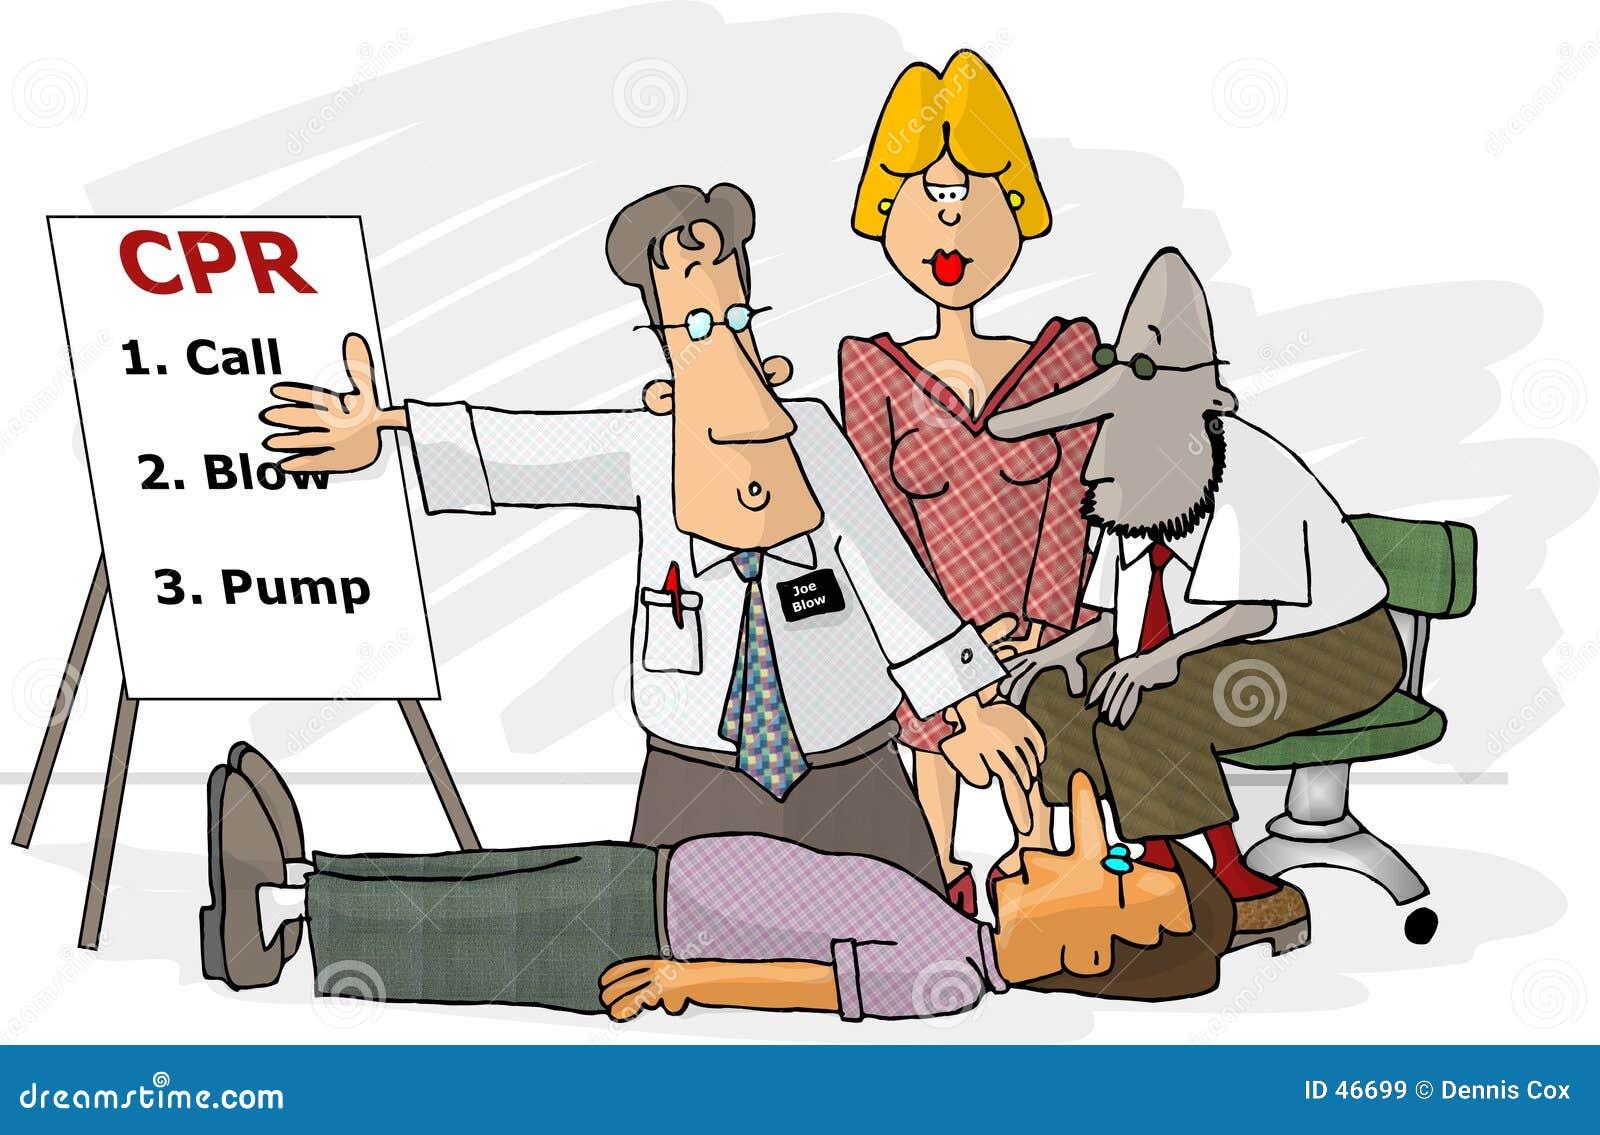 CPR technique